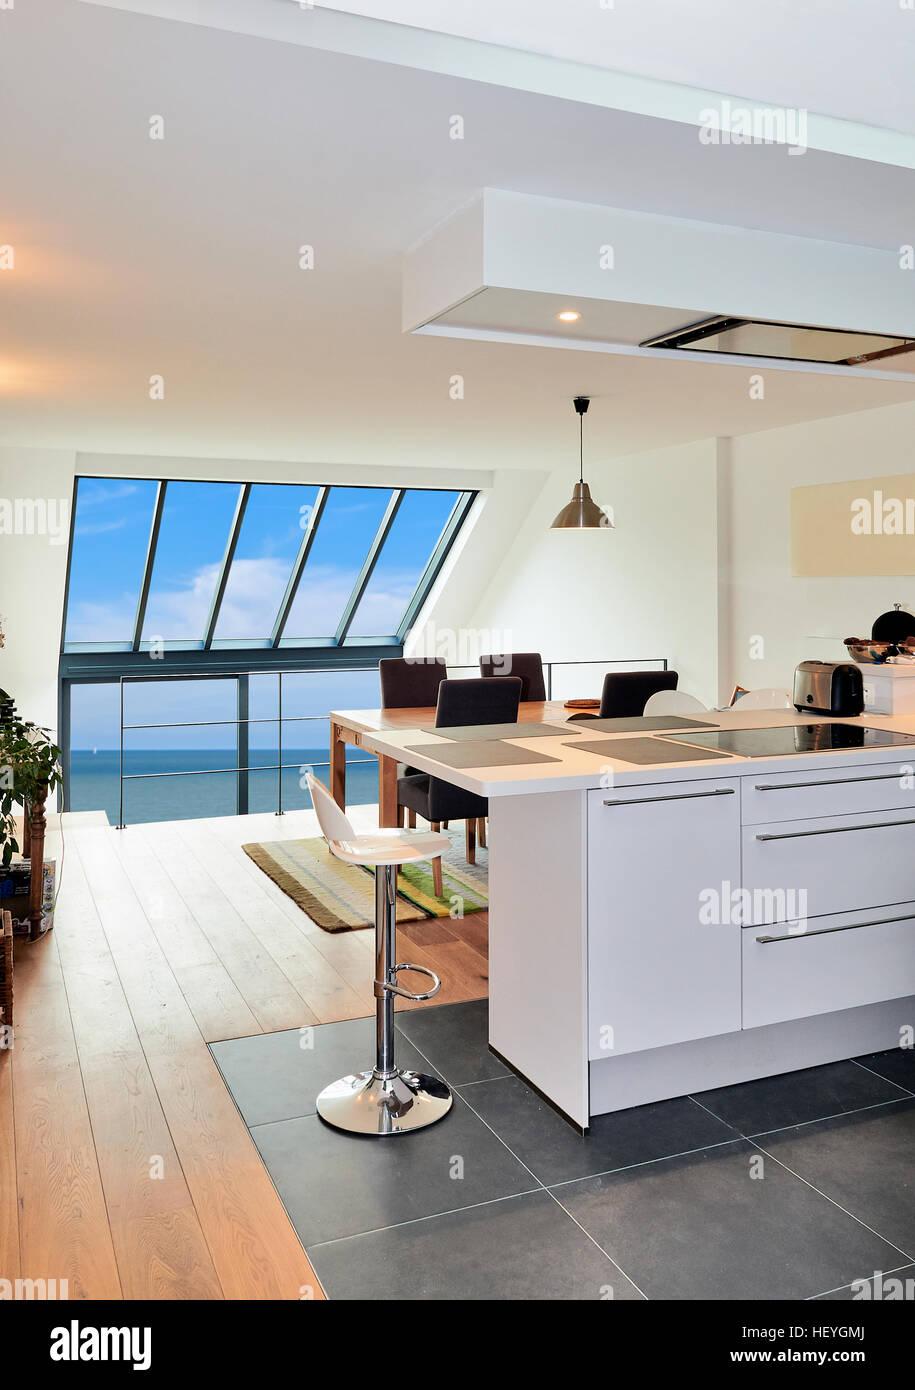 Cuisine ouverte moderne dans maison rénovée avec vue sur l\'océan a ...